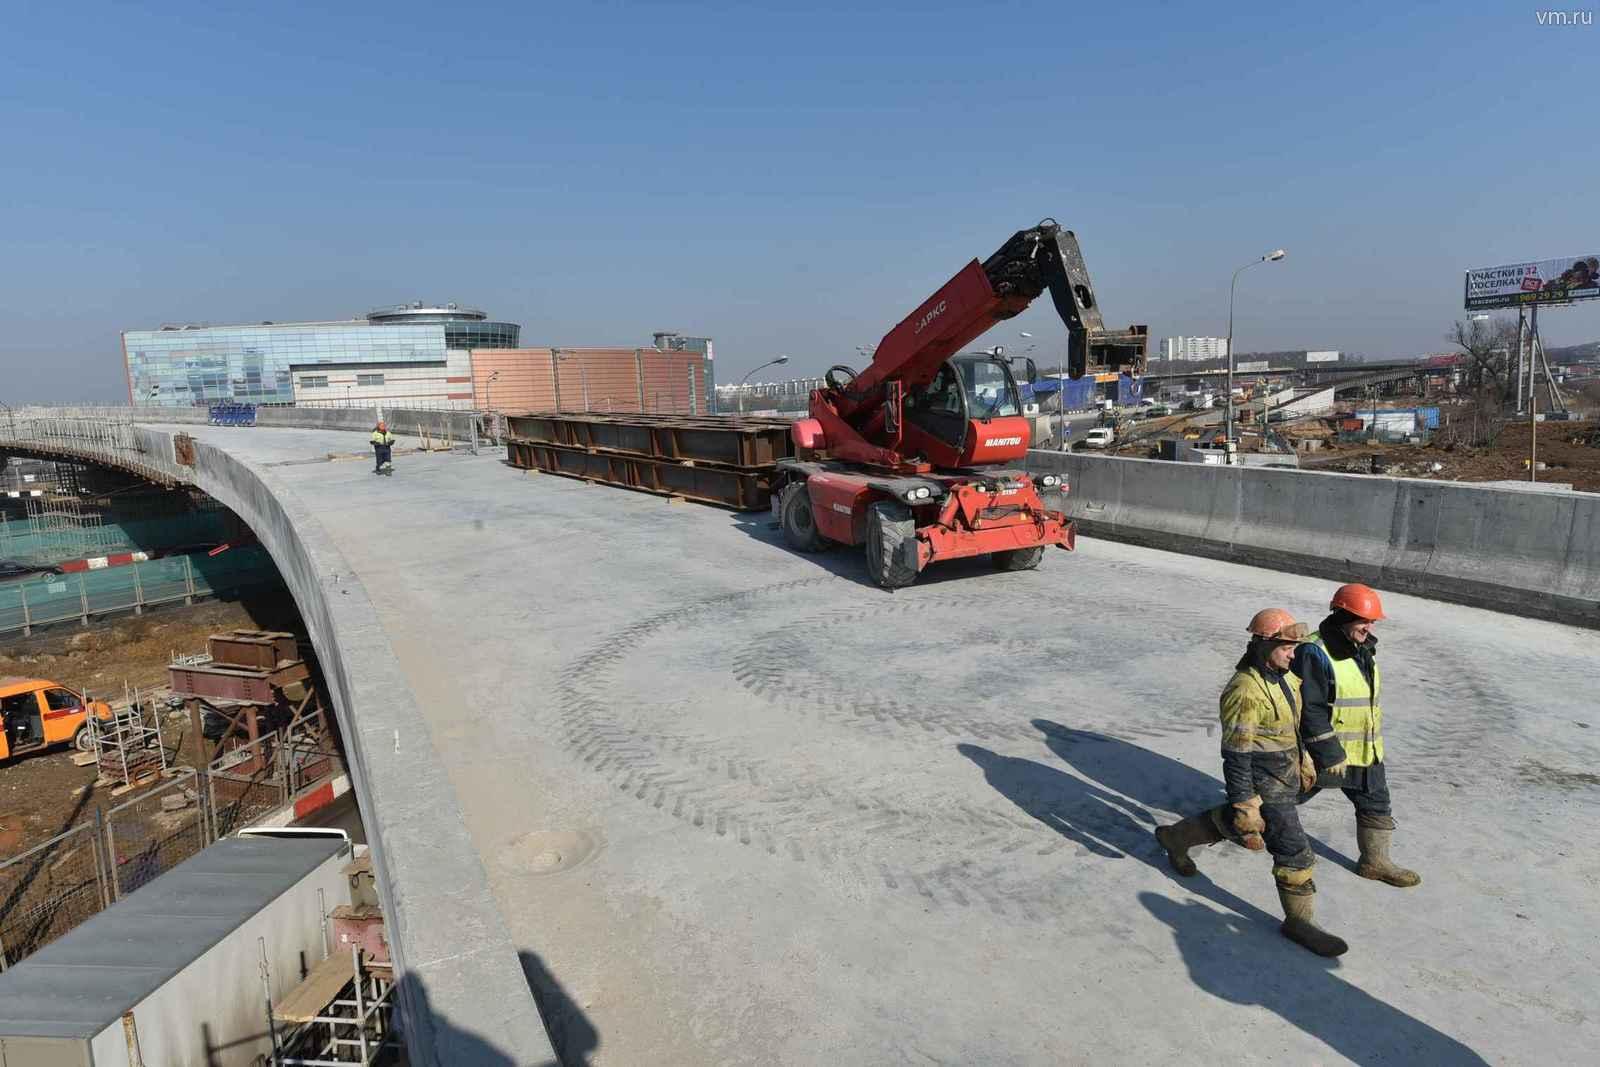 Реконструкцию Московской кольцевой автомобильной дороги закончат в 2021 году